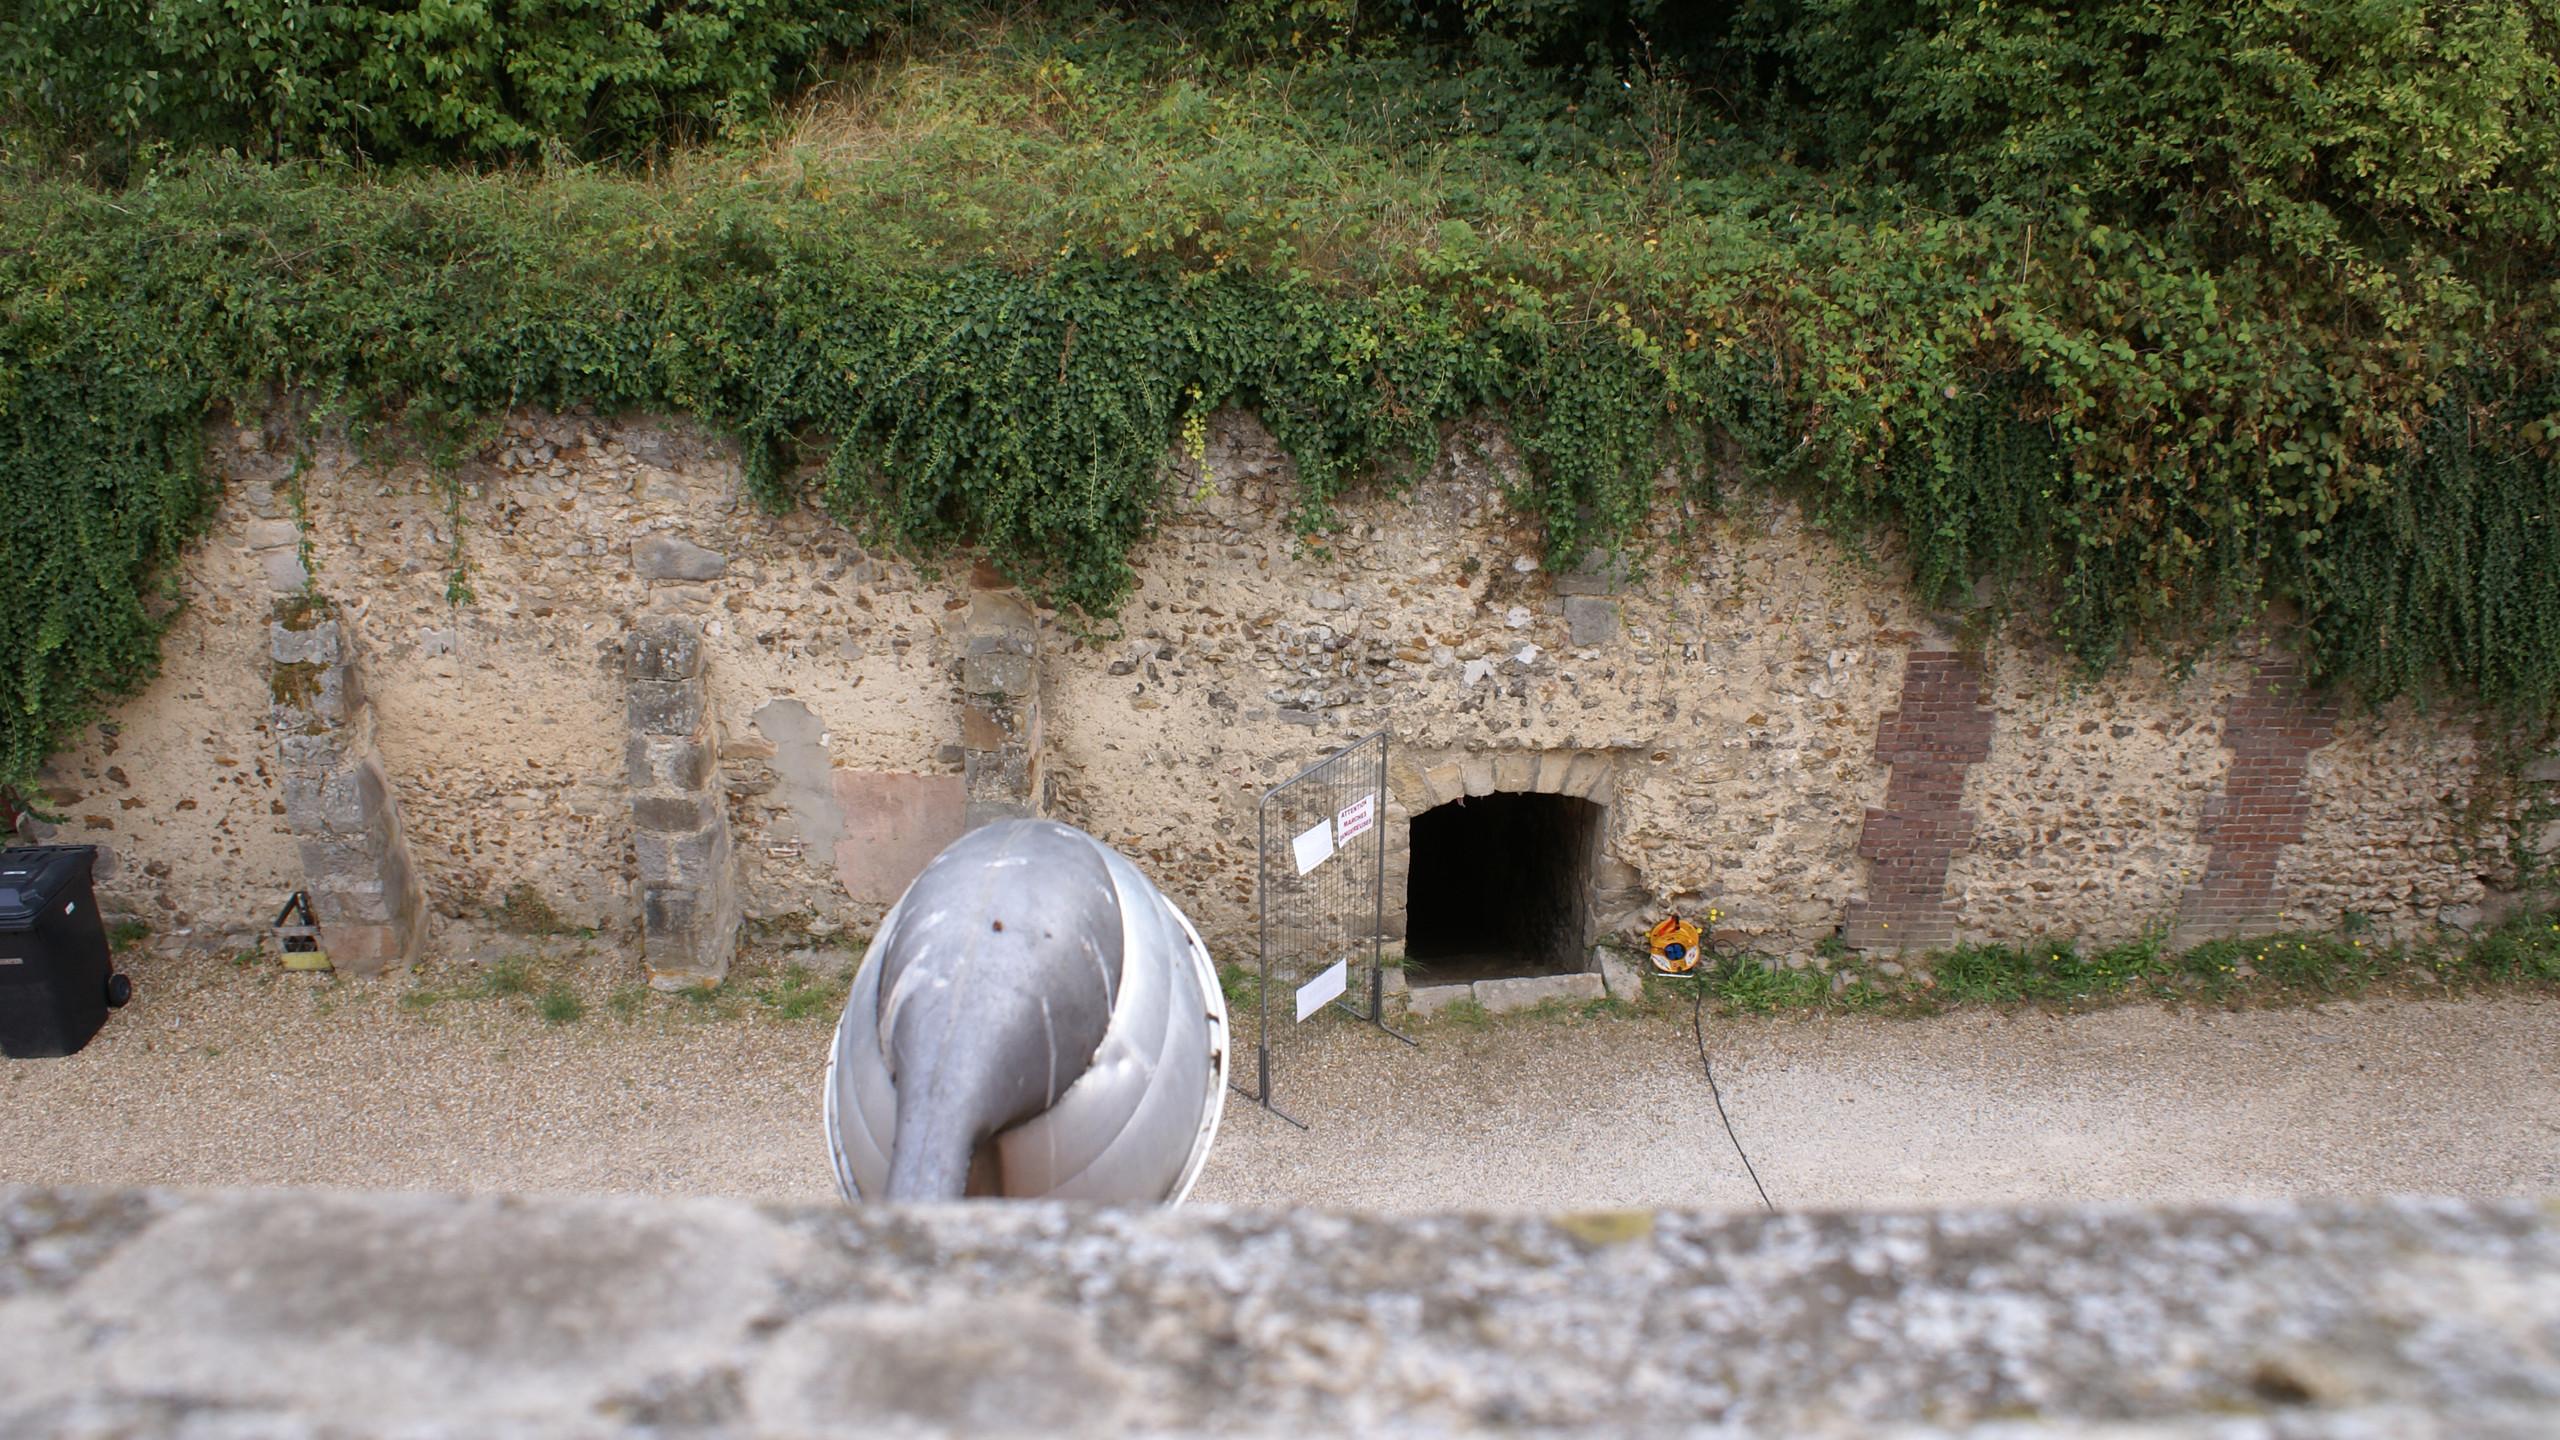 entrée des caves-prisons